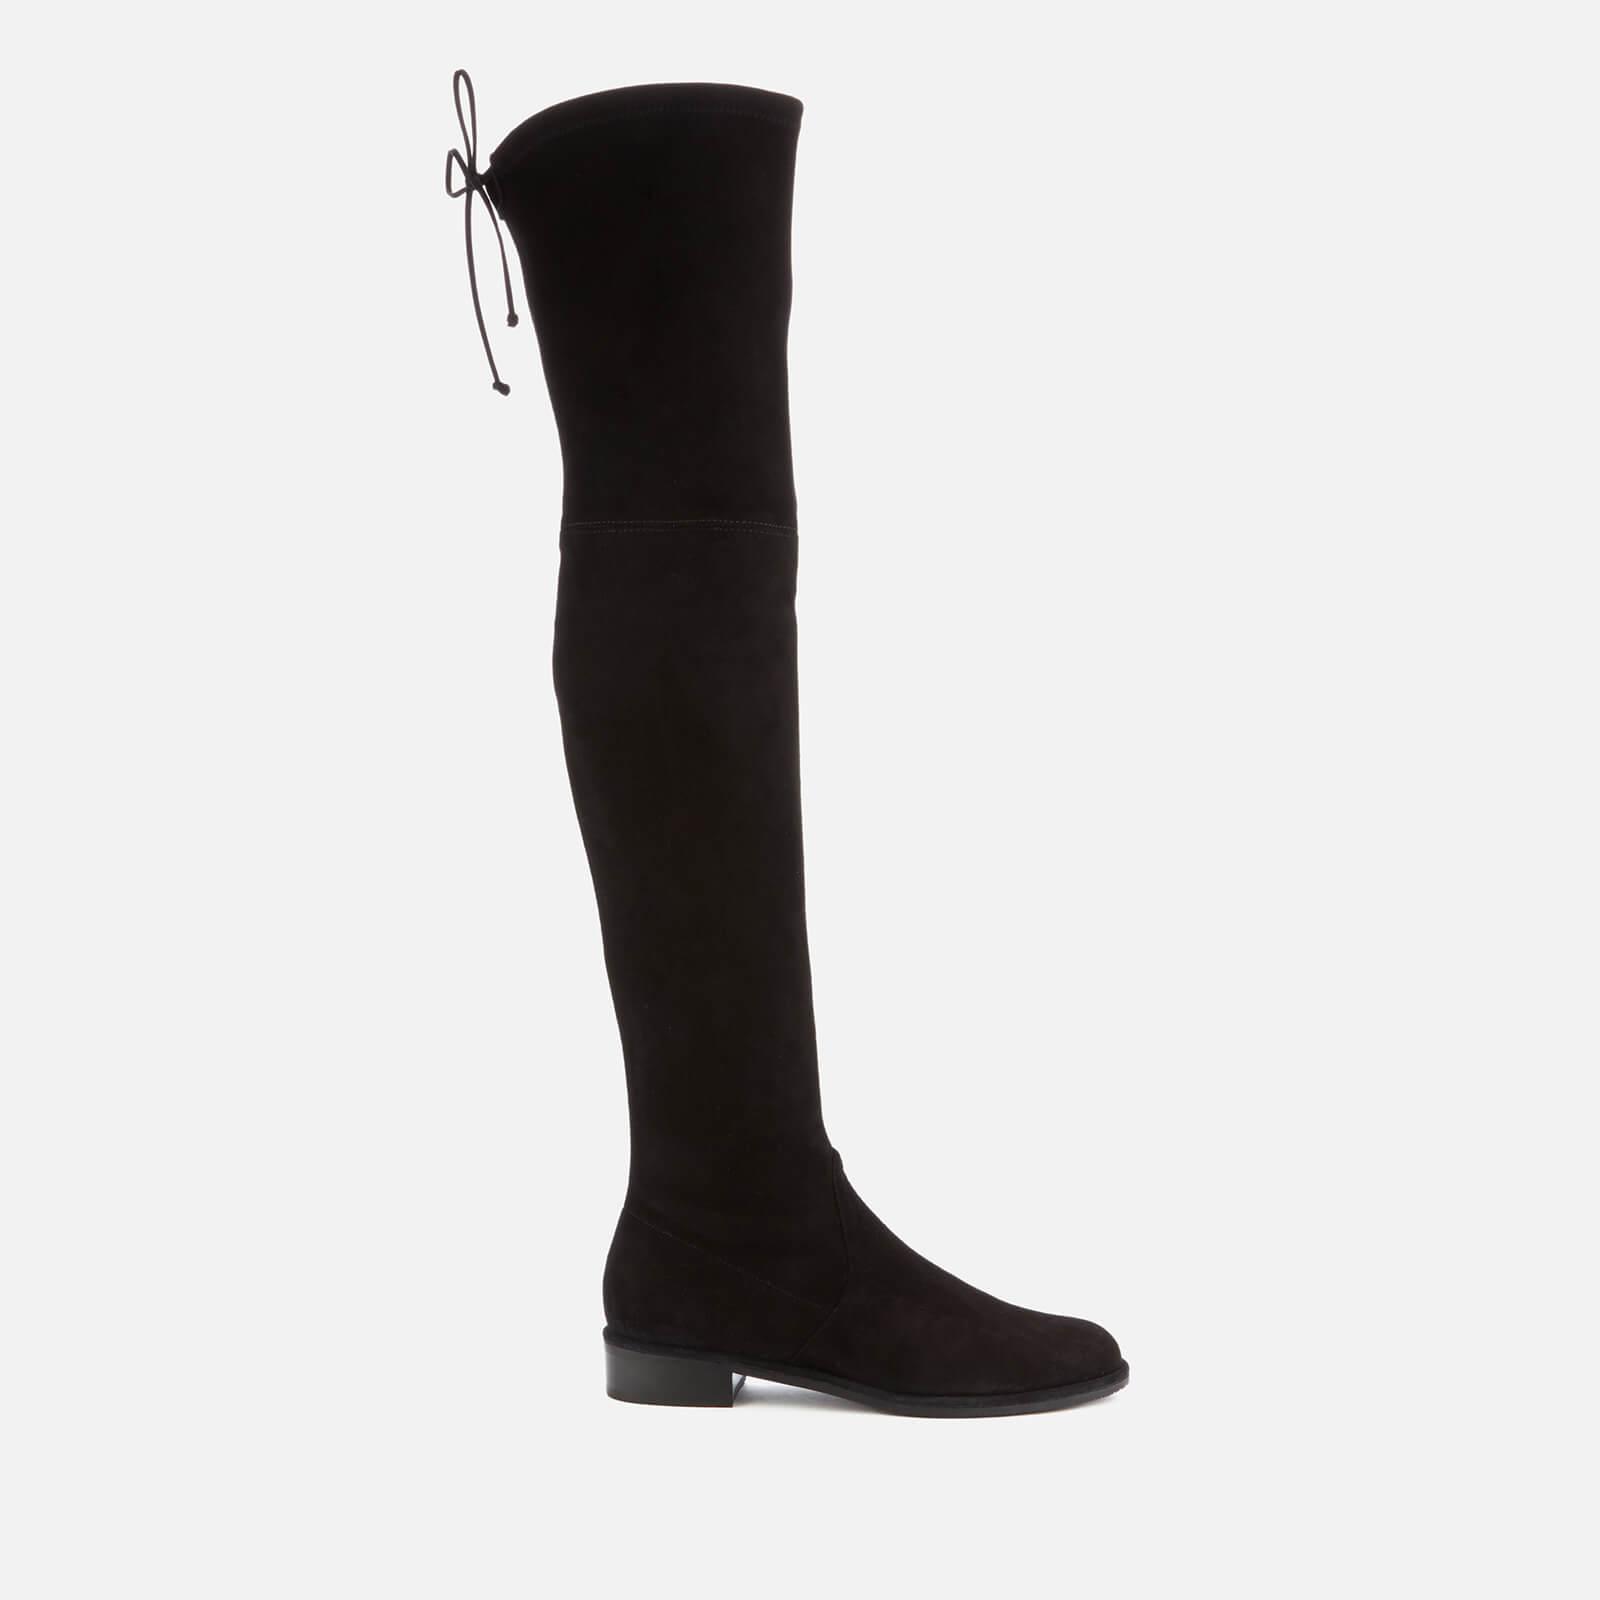 Stuart Weitzman Women's Lowland Suede Over The Knee Flat Boots - Black - Uk 3